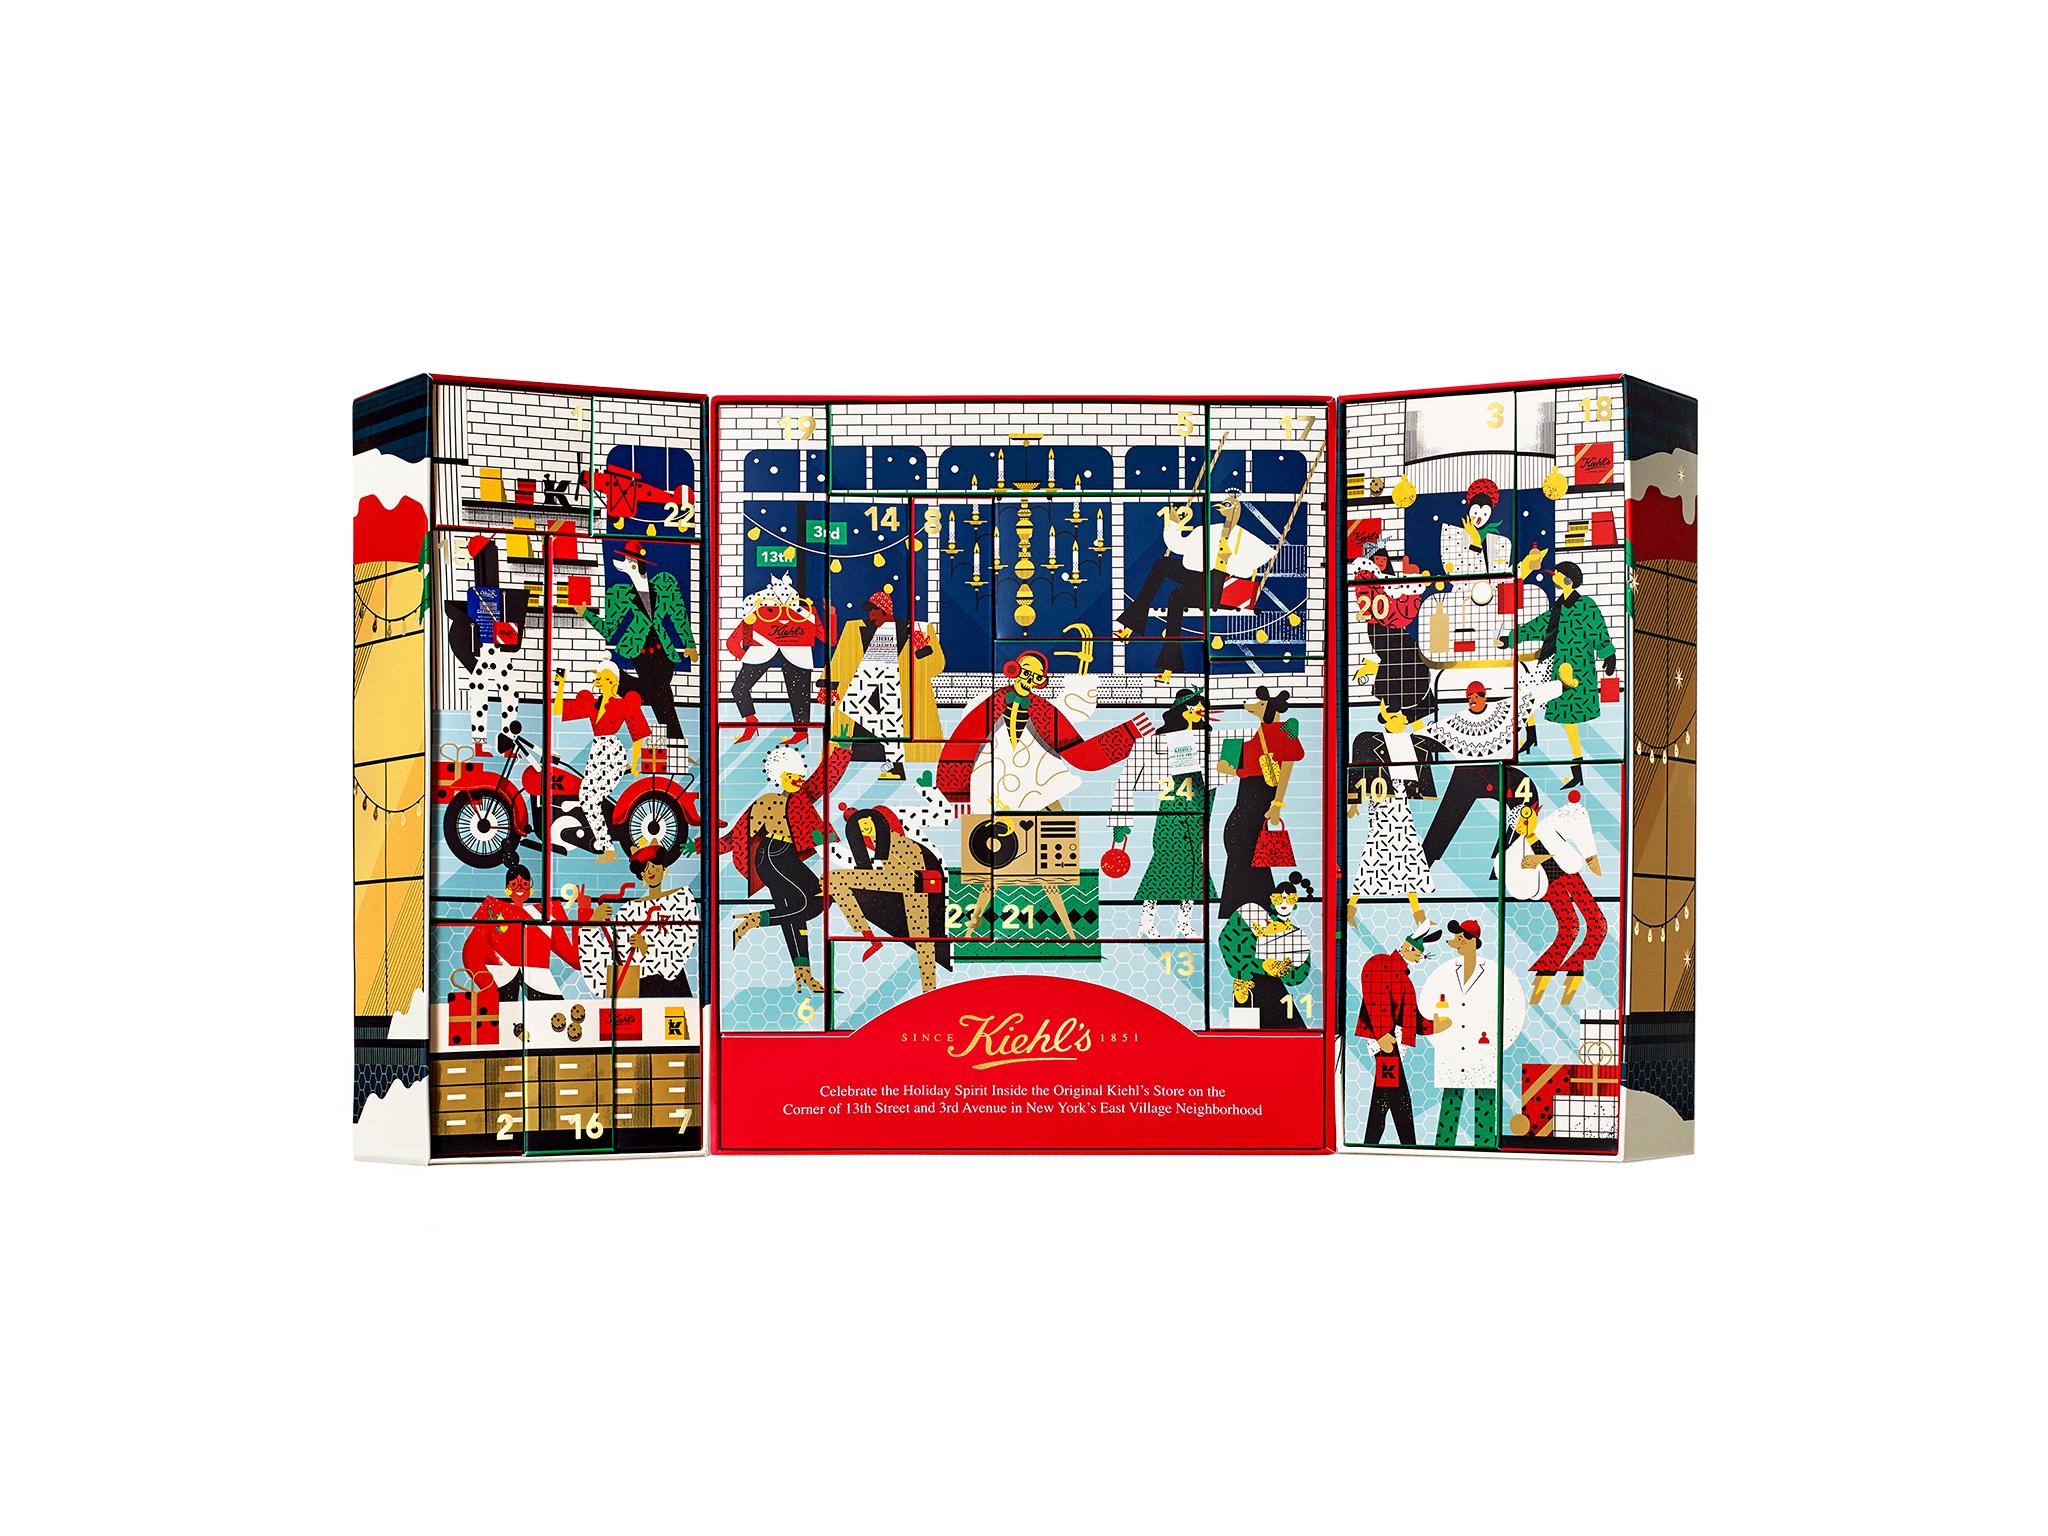 Natal, Calendário do Advento, Kiehl's